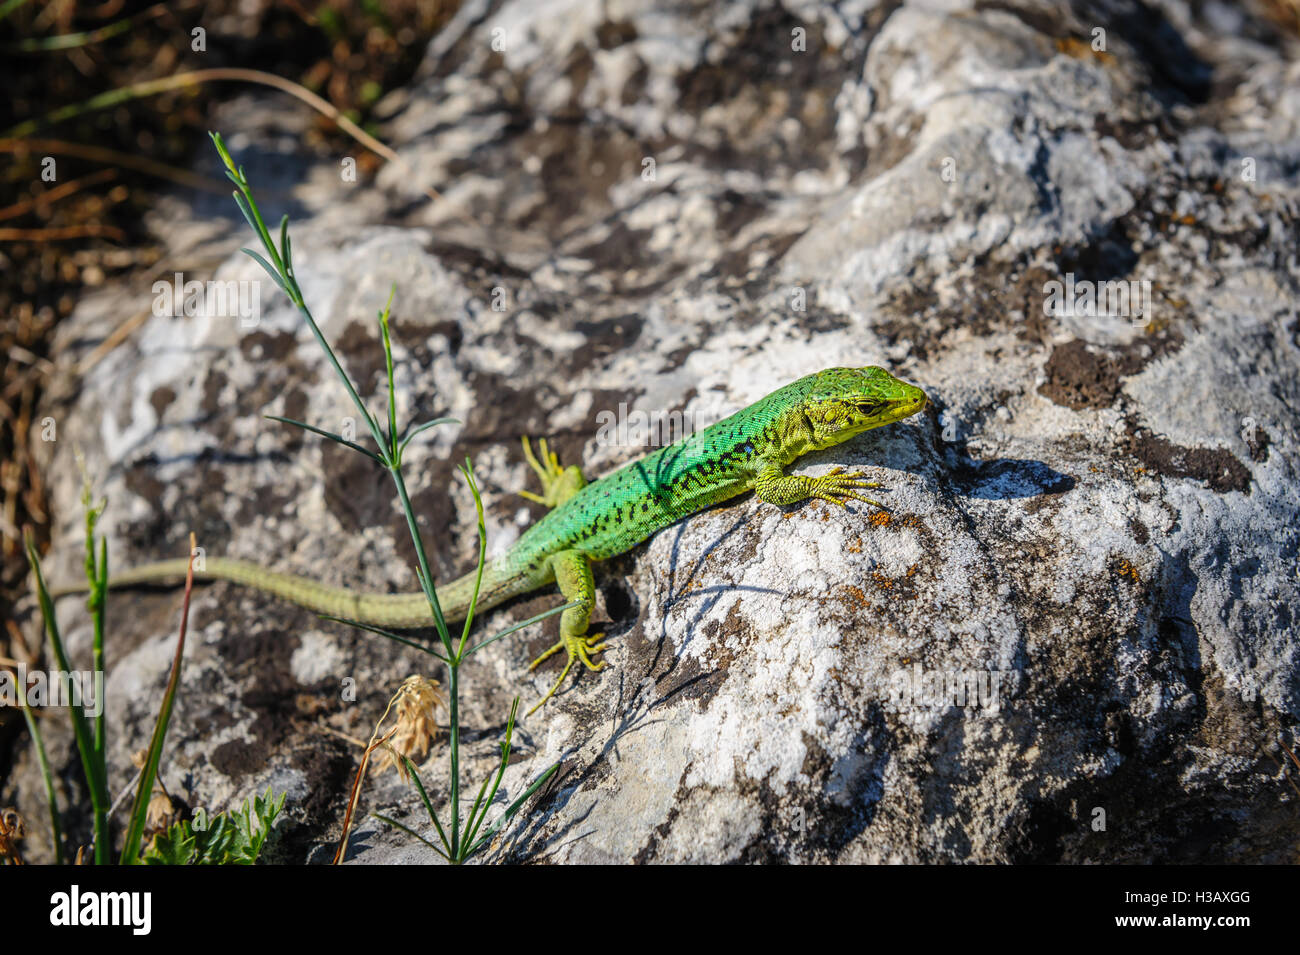 grüne Eidechse auf Stein Stockfoto